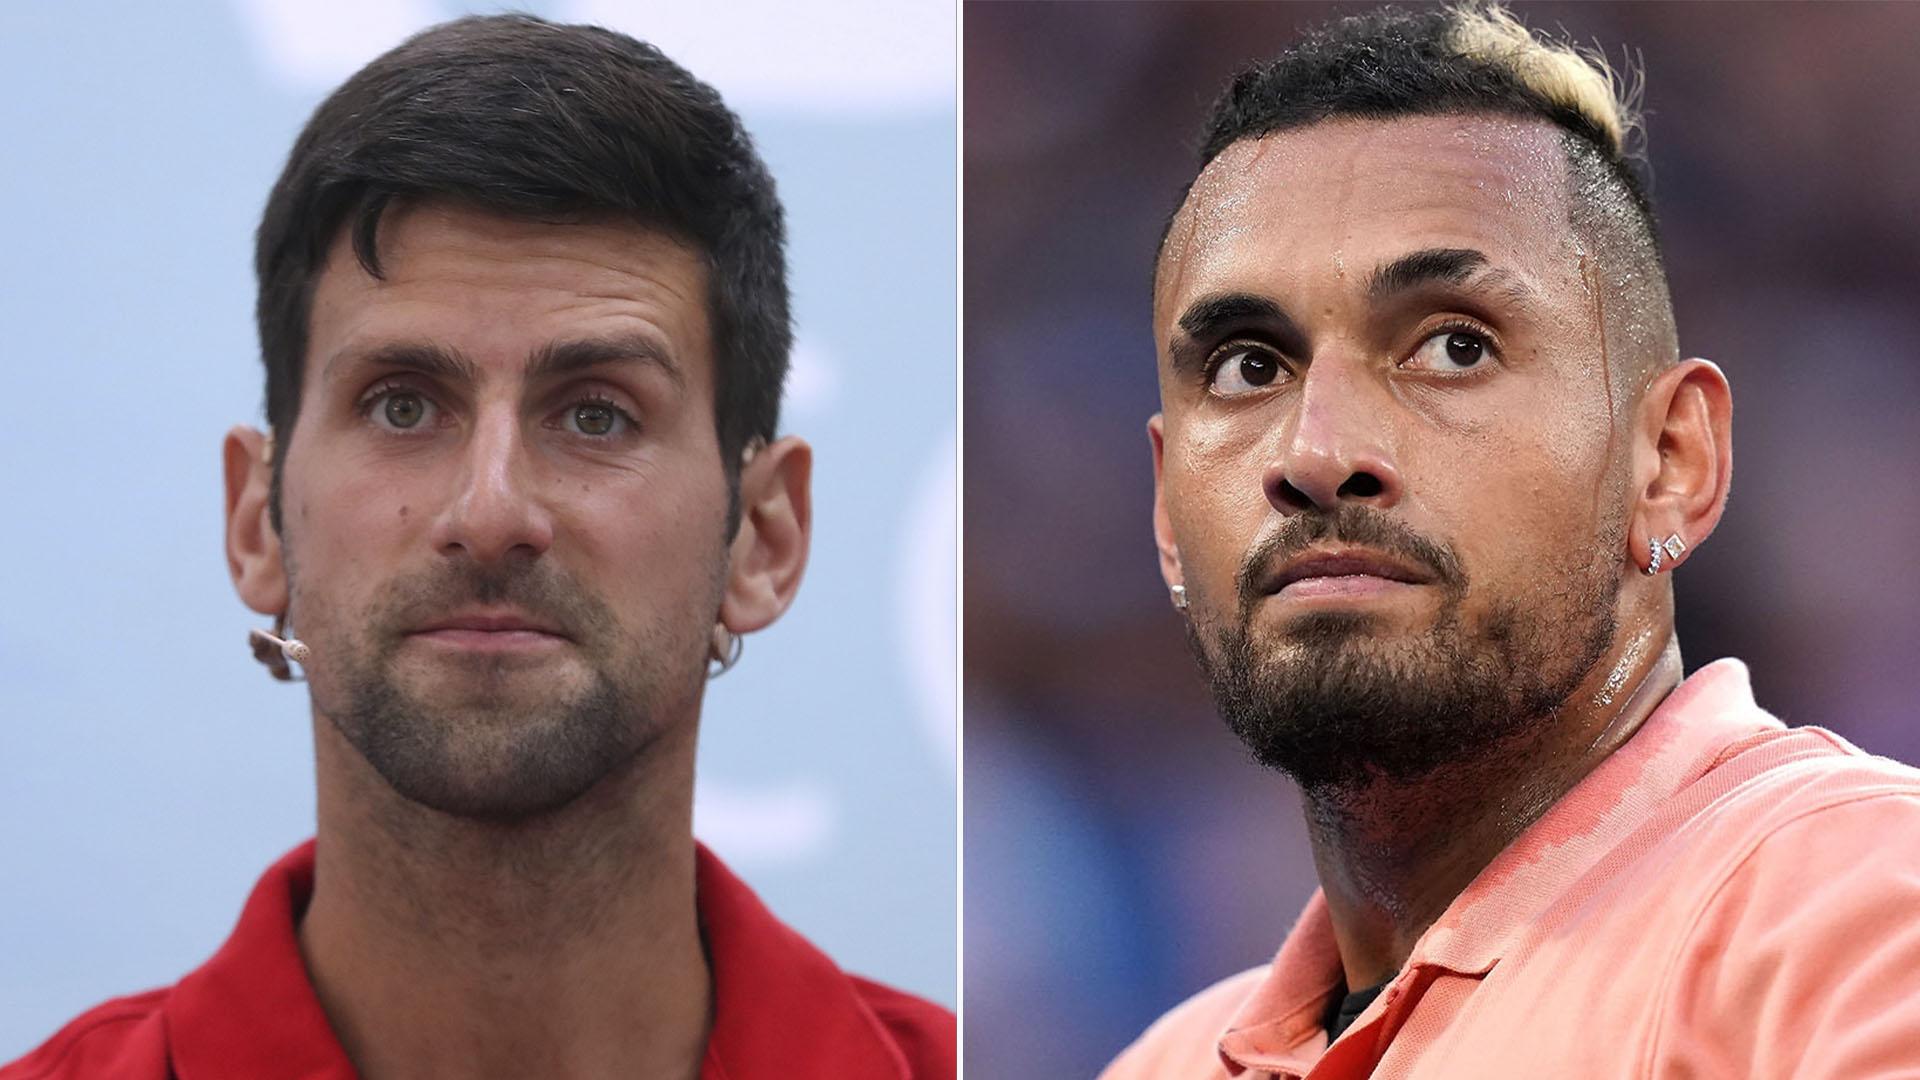 La Polemica Frase De Nick Kyrgios Contra Novak Djokovic Luego De Que El Serbio Fuera Descalificado Del Us Open Infobae